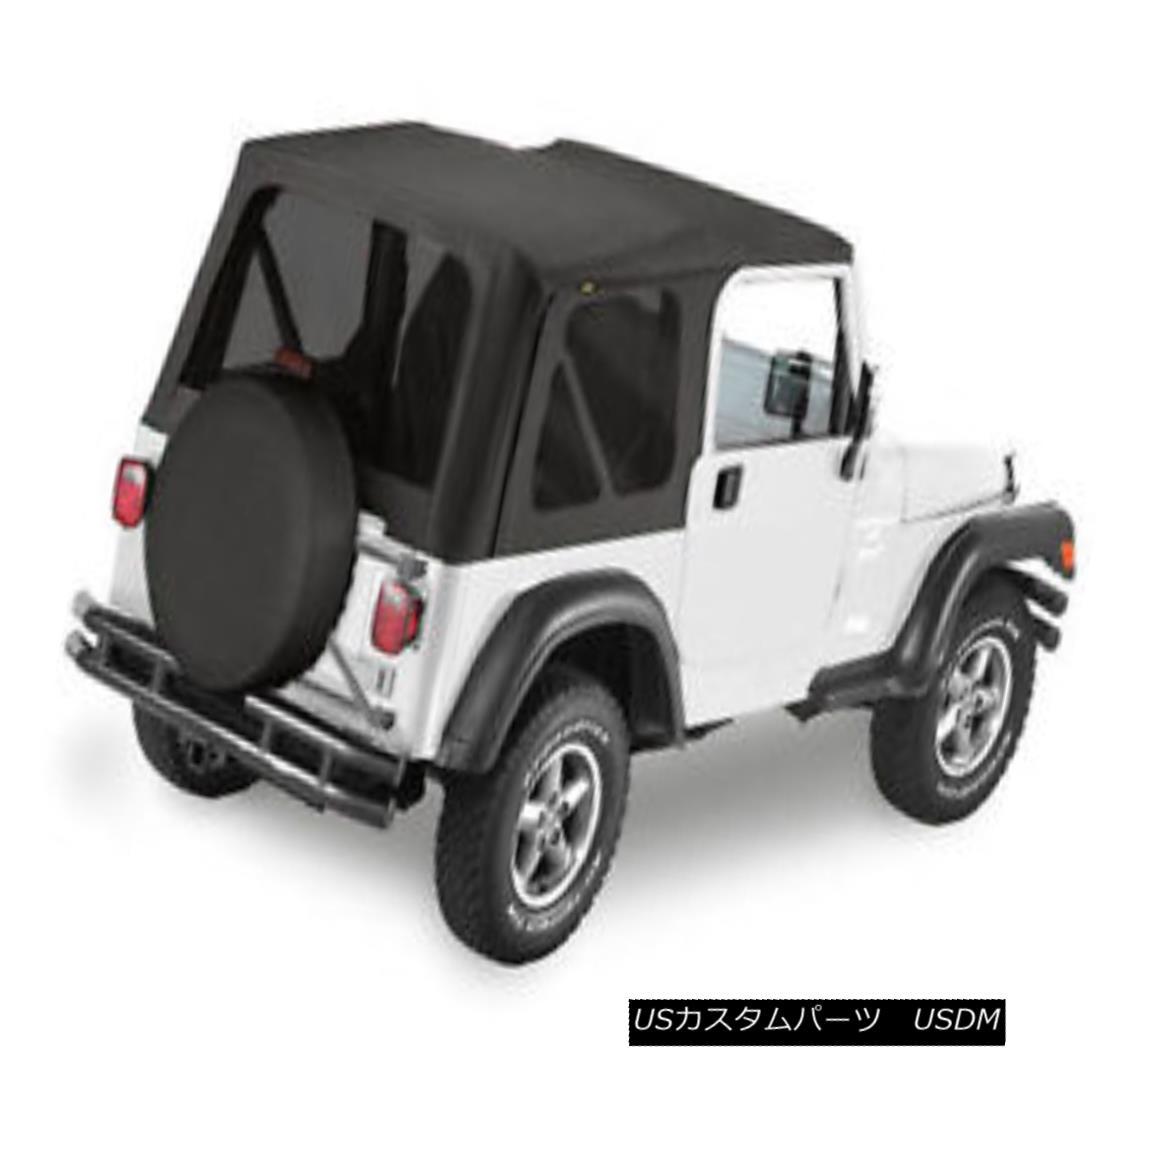 幌・ソフトトップ Bestop Replace A Top 03-06 Jeep Wrangler TJ Tinted Windows Black Diamond Bestop交換トップ03-06ジープ・ラングラーTJティンテッド・ウィンドウ・ブラック・ダイヤモンド